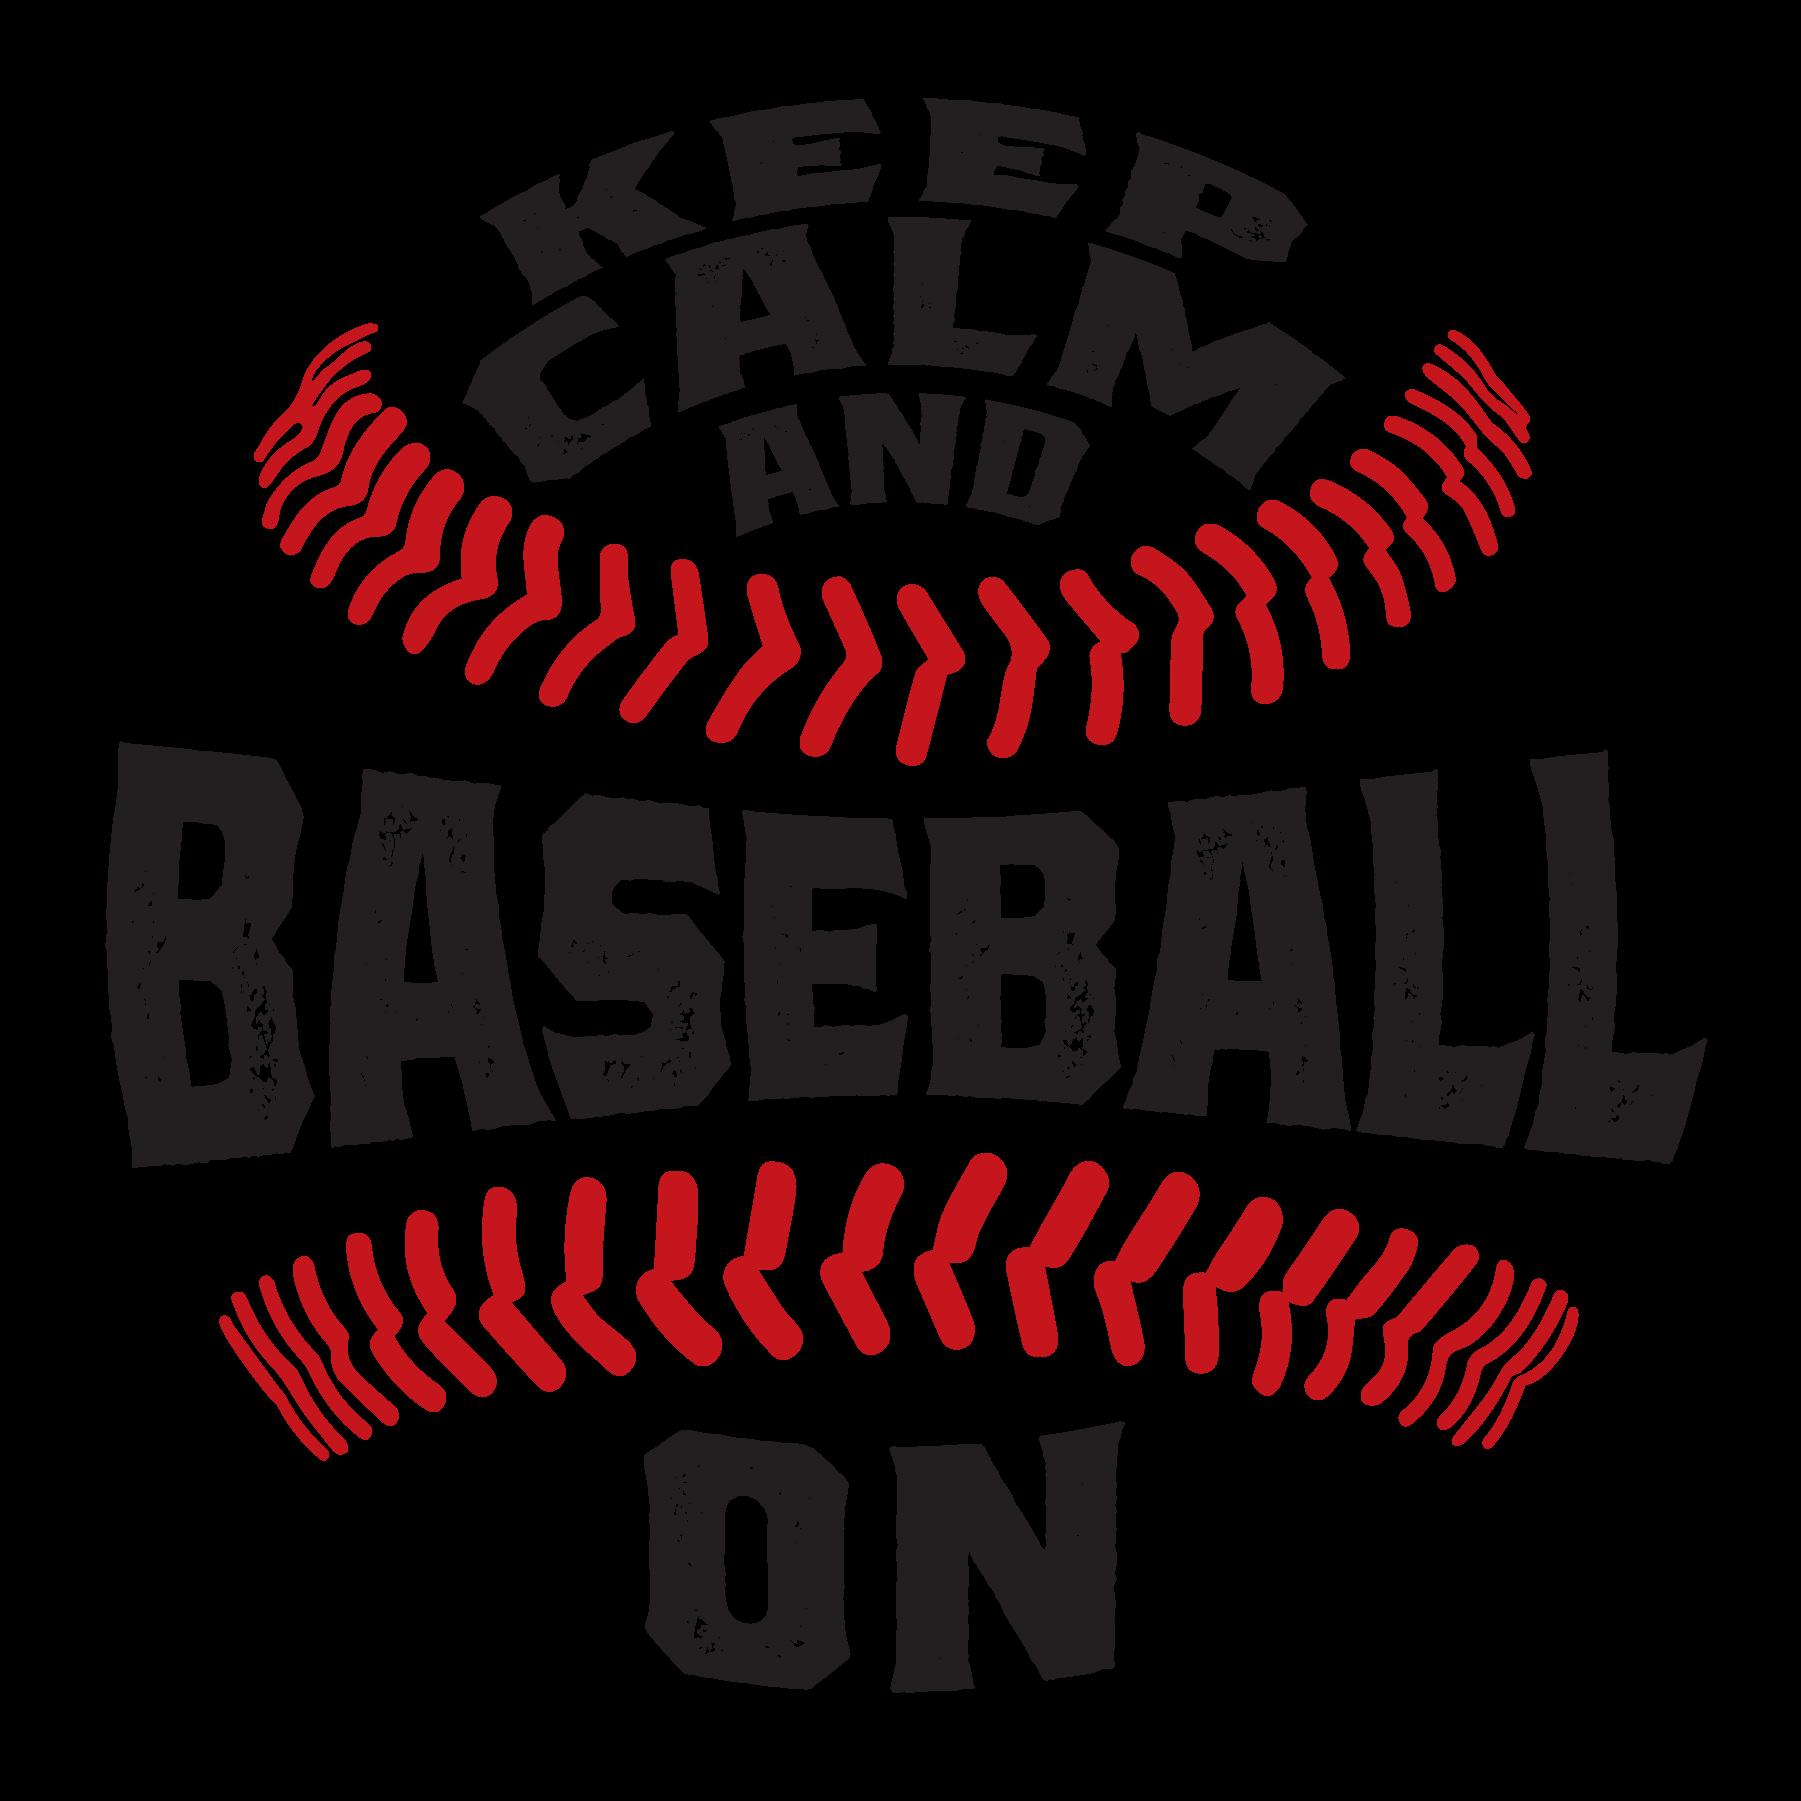 Keep Calm & Baseball On - The Sizzler Logo